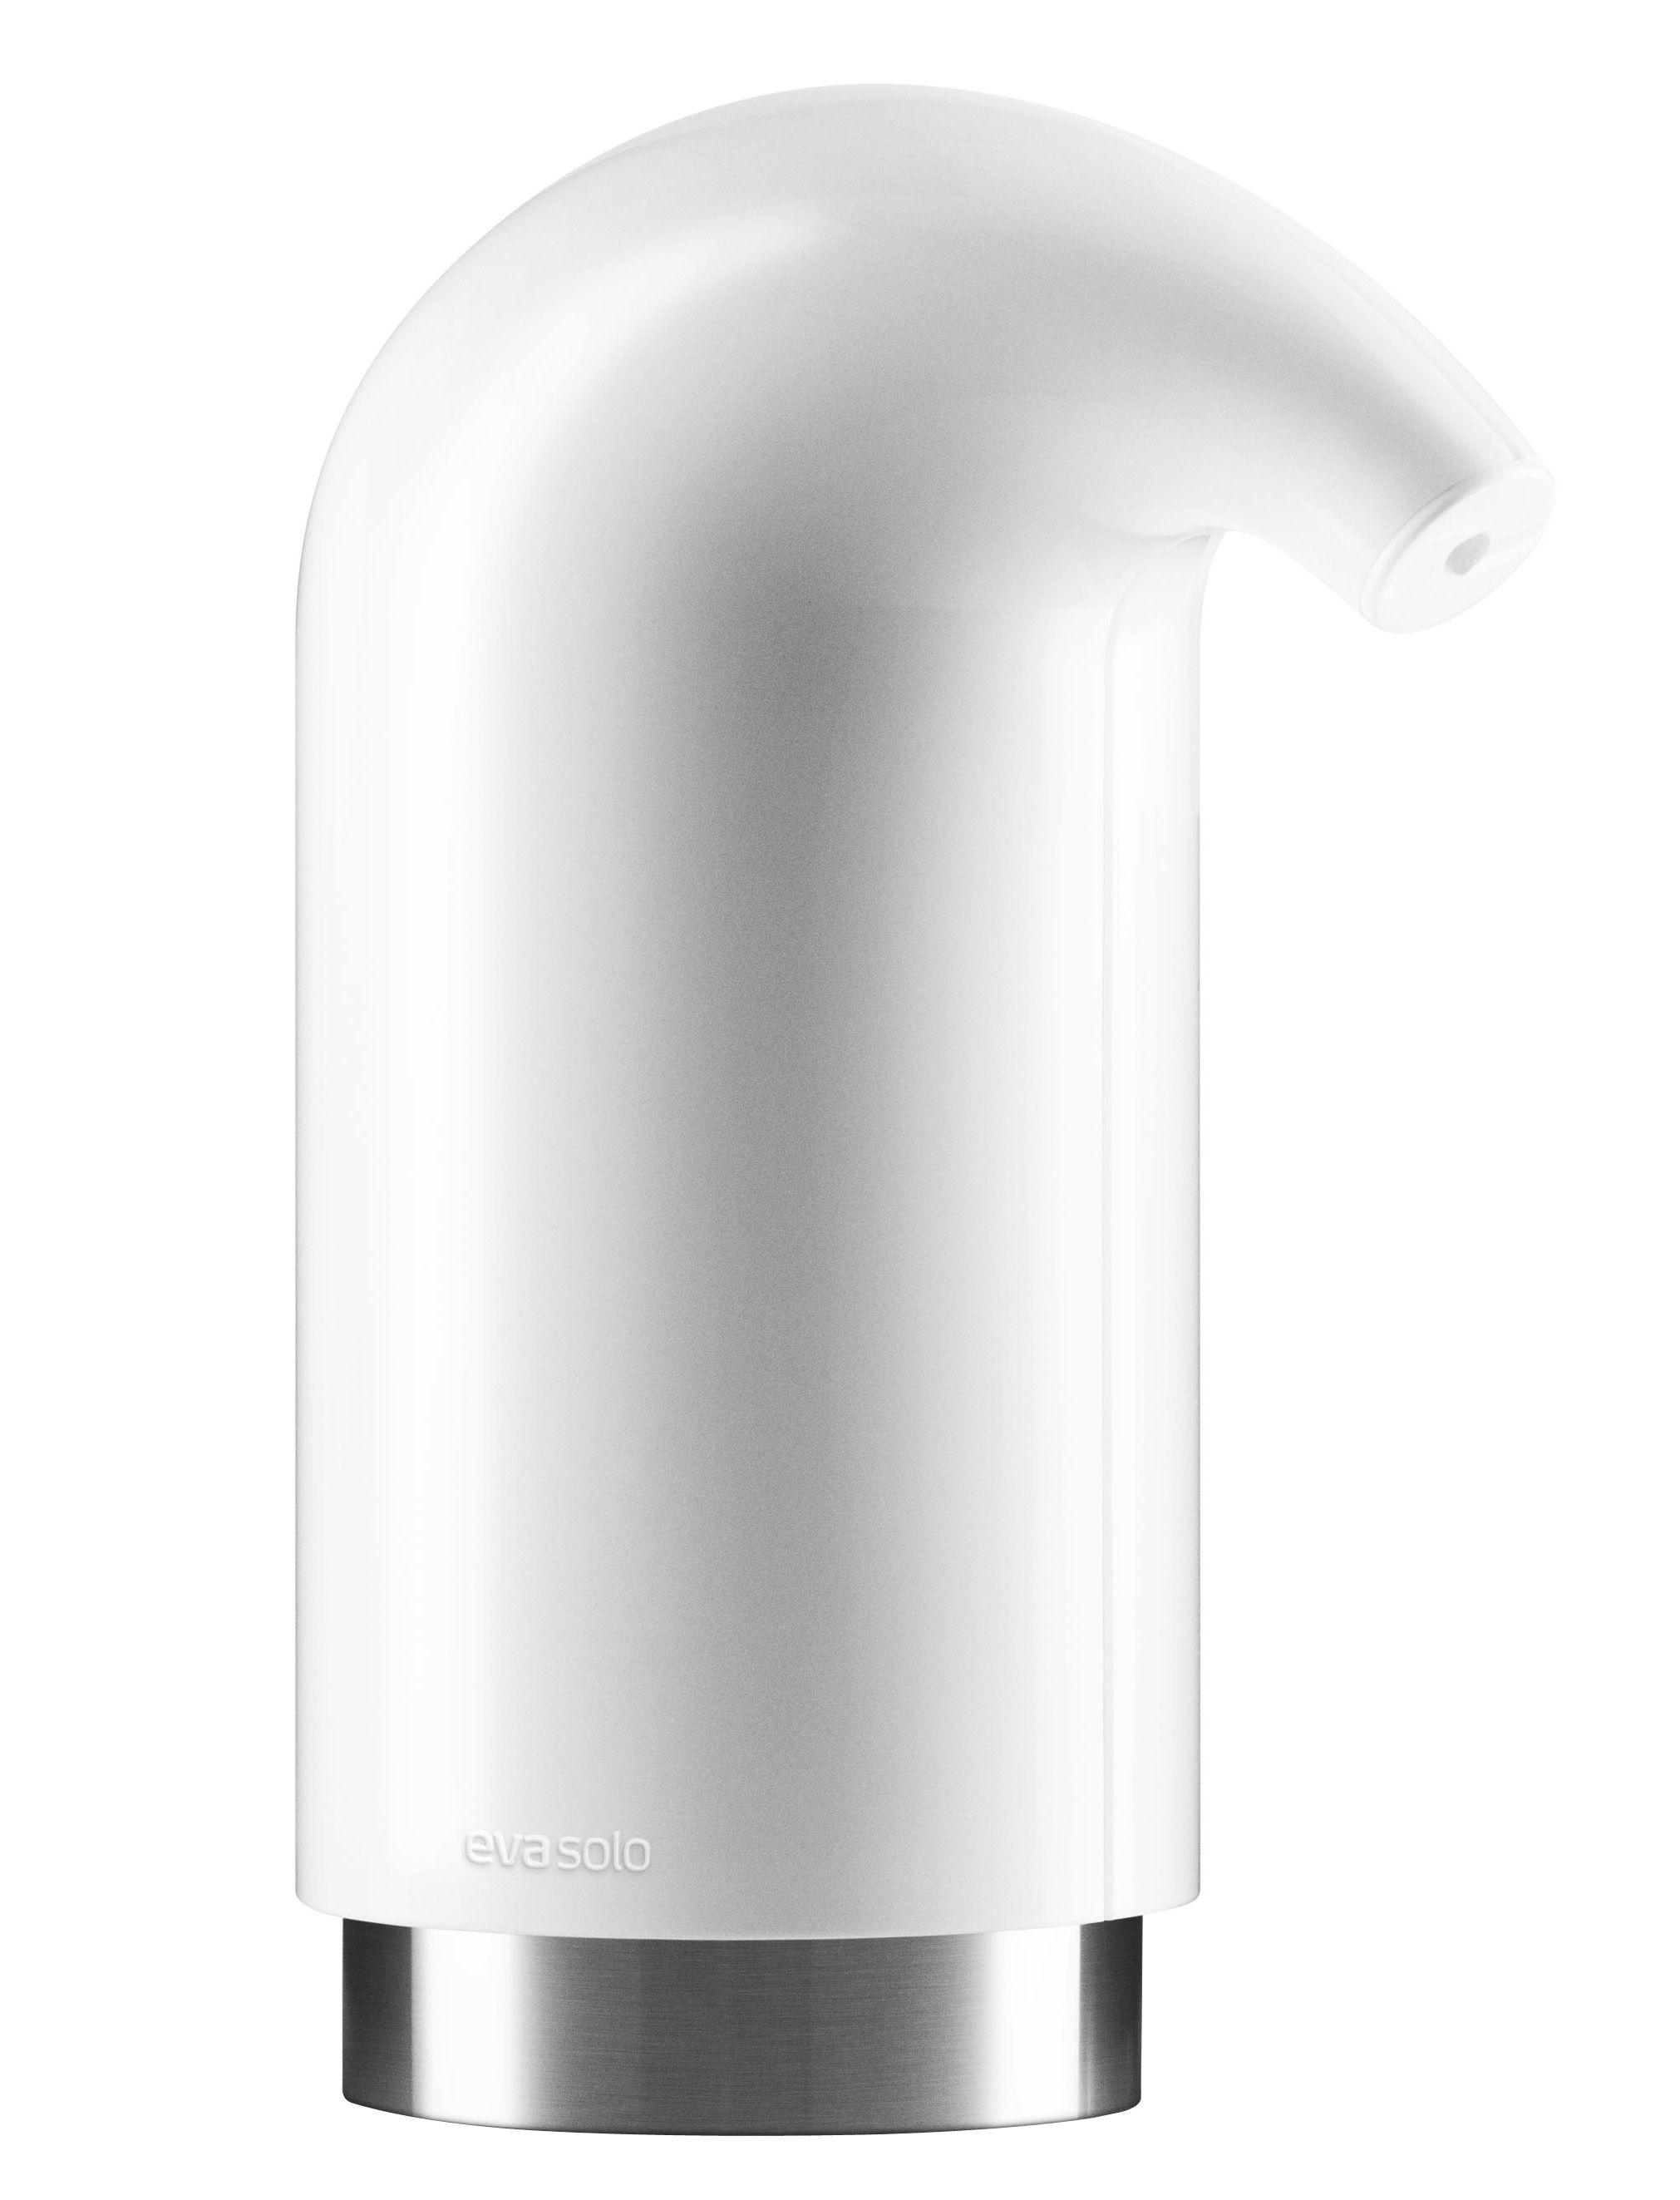 Déco - Salle de bains - Distributeur de lotion - Eva Solo - Blanc - ABS, Acier inoxydable, Caoutchouc, Plastique SAN